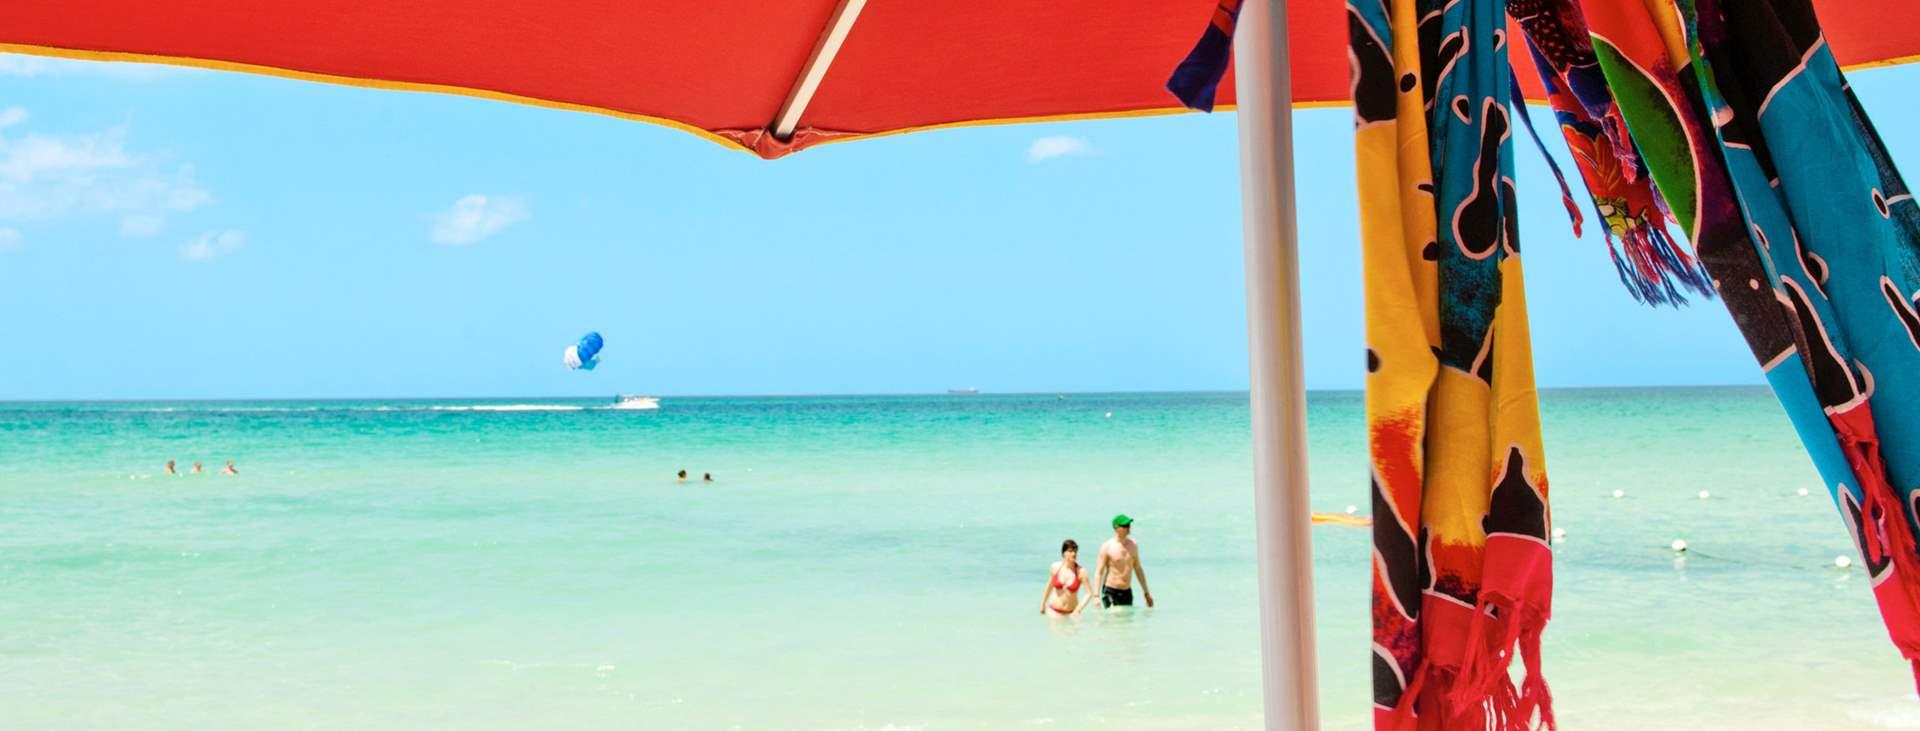 Drømmer du om Karibia? Bestill en reise til Jamaica med Ving!